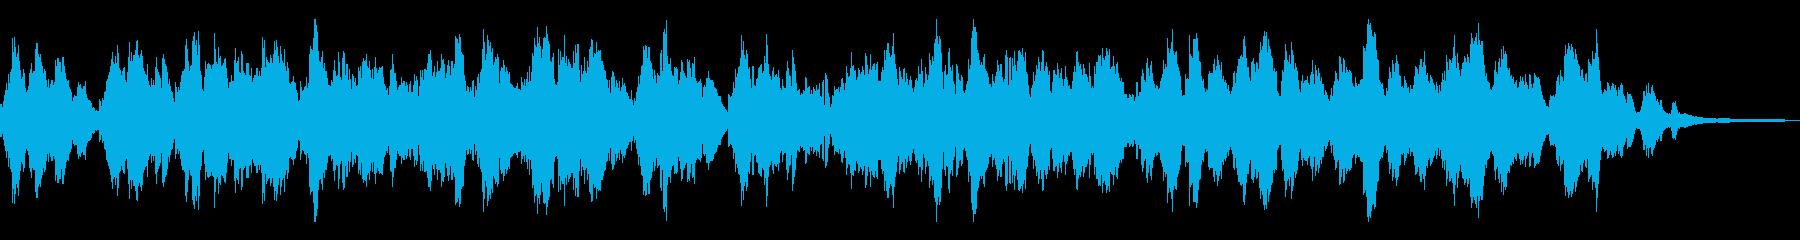 メロディアスな和風曲19-ピアノソロの再生済みの波形